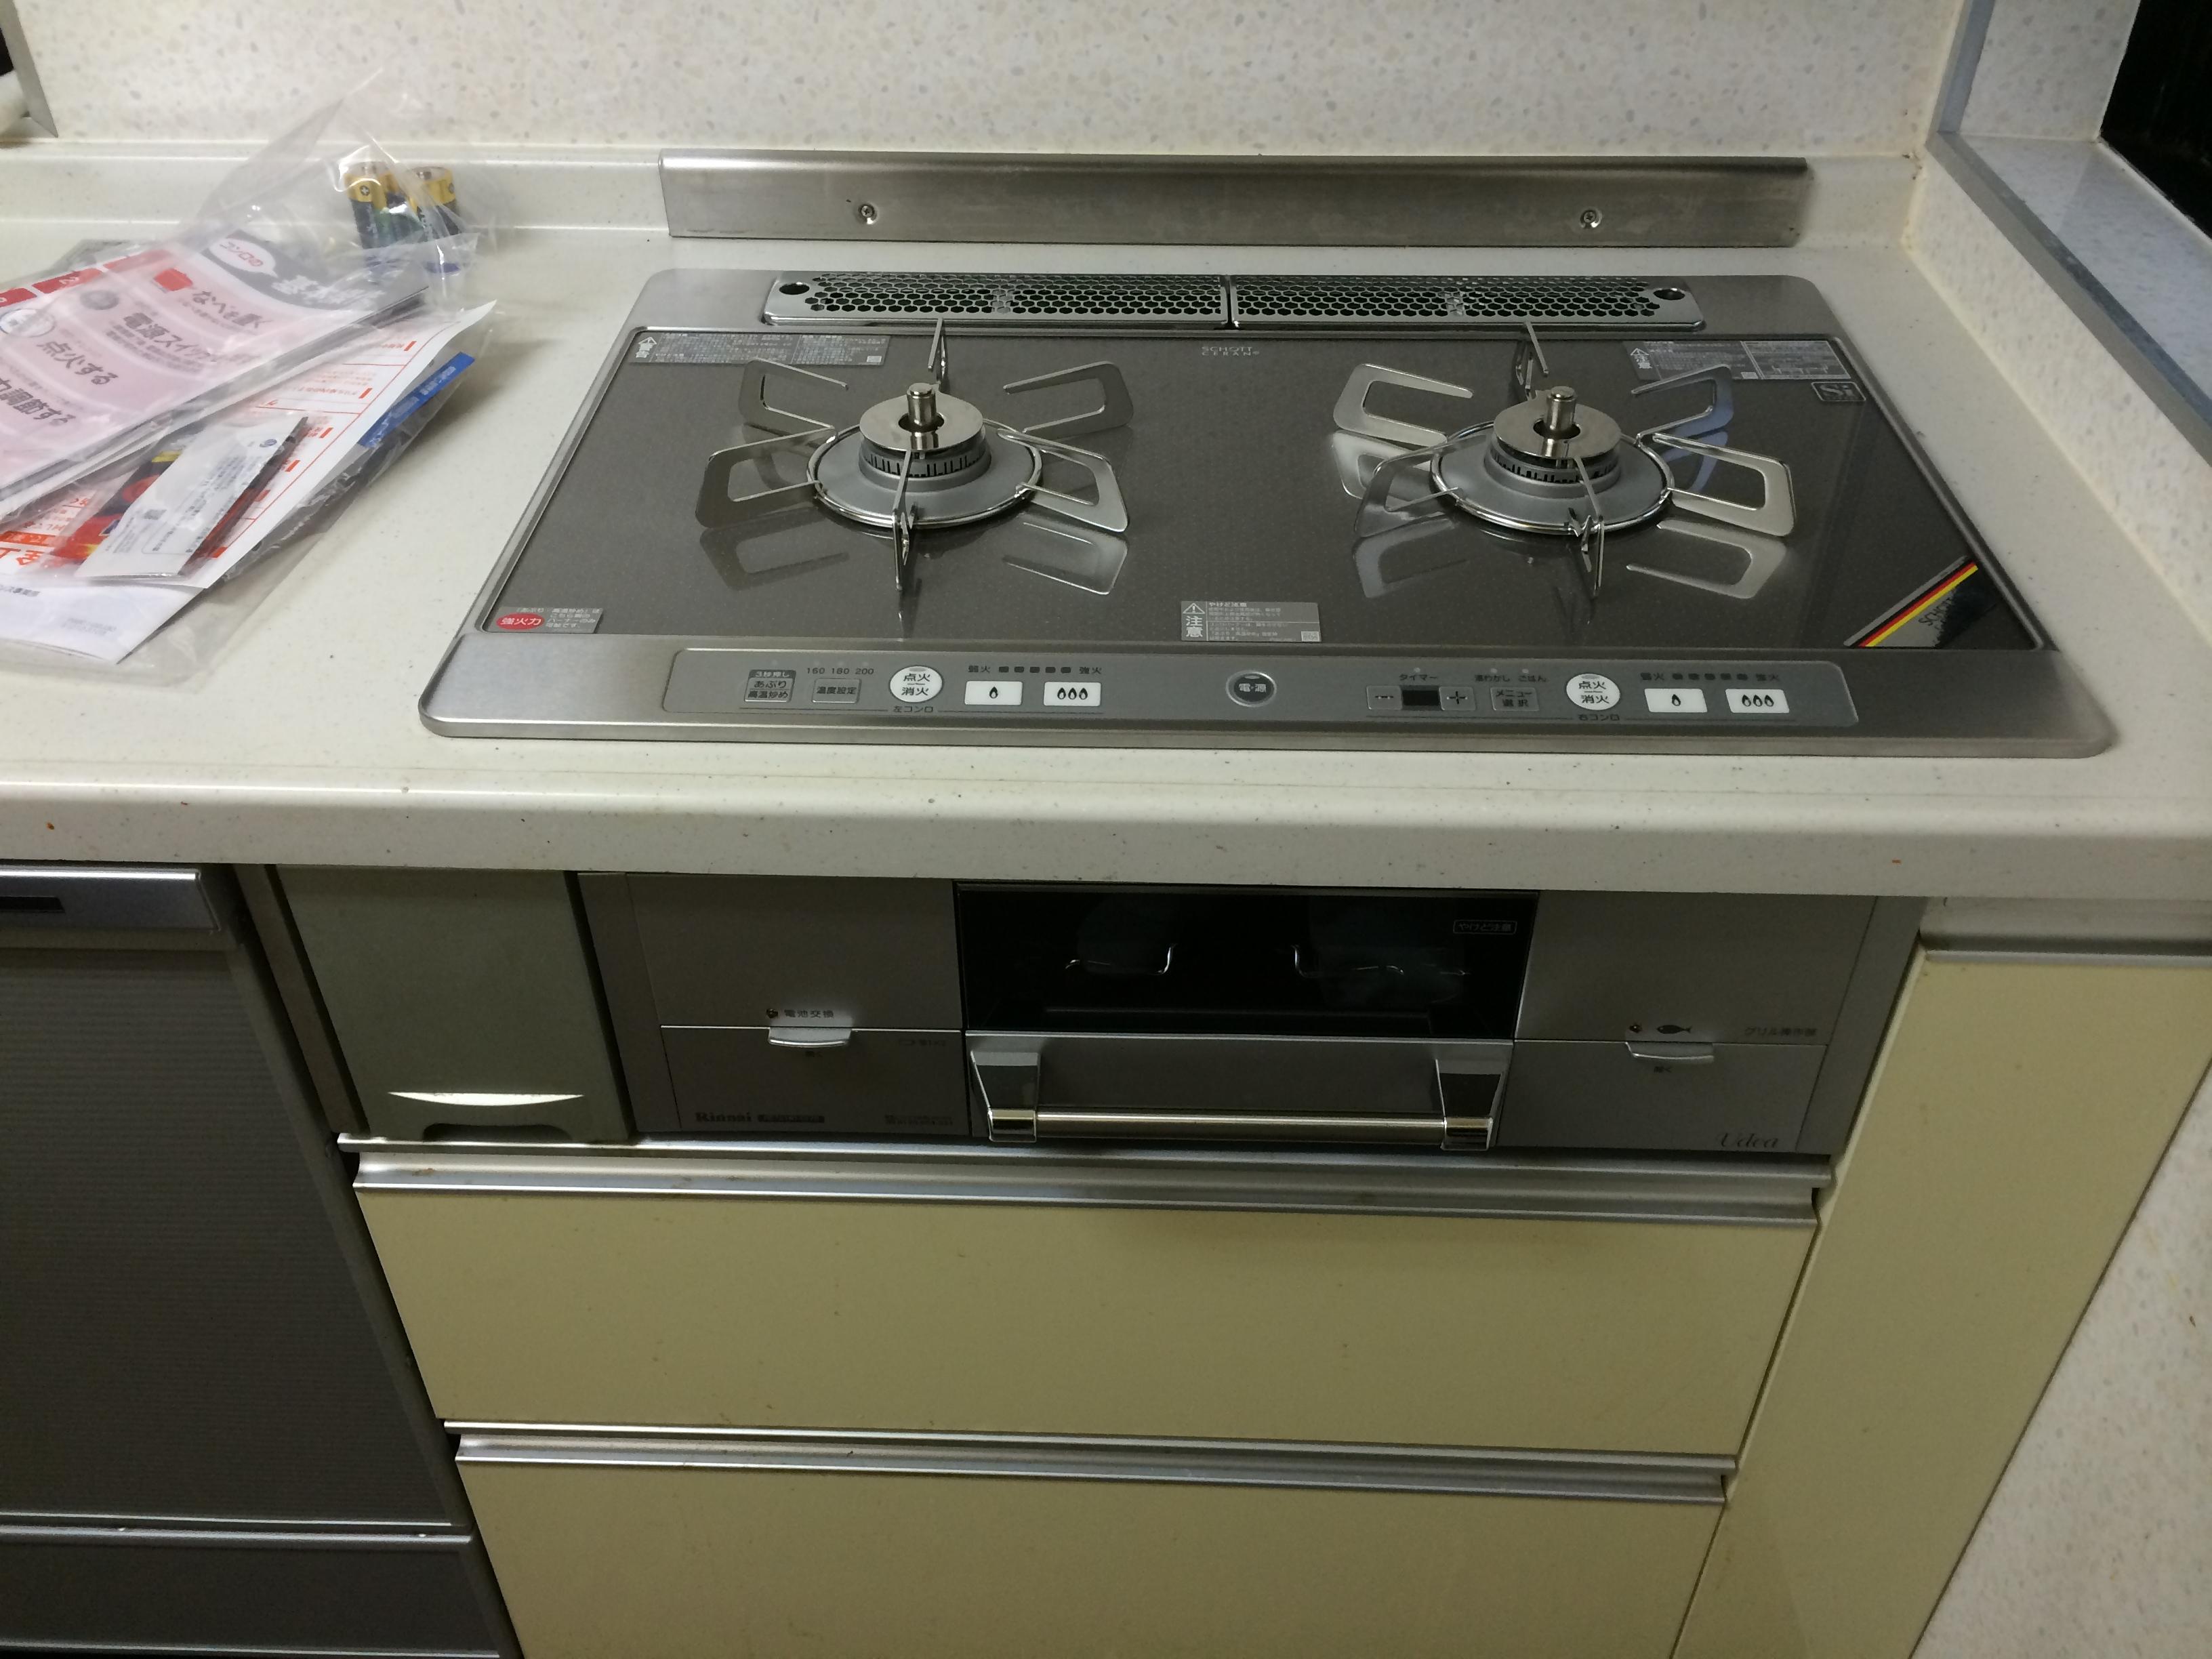 Panasonic 食器洗乾燥機 NP-45MD6S / リンナイ  ビルトインガスコンロ RS721W14S7R-VL 交換工事